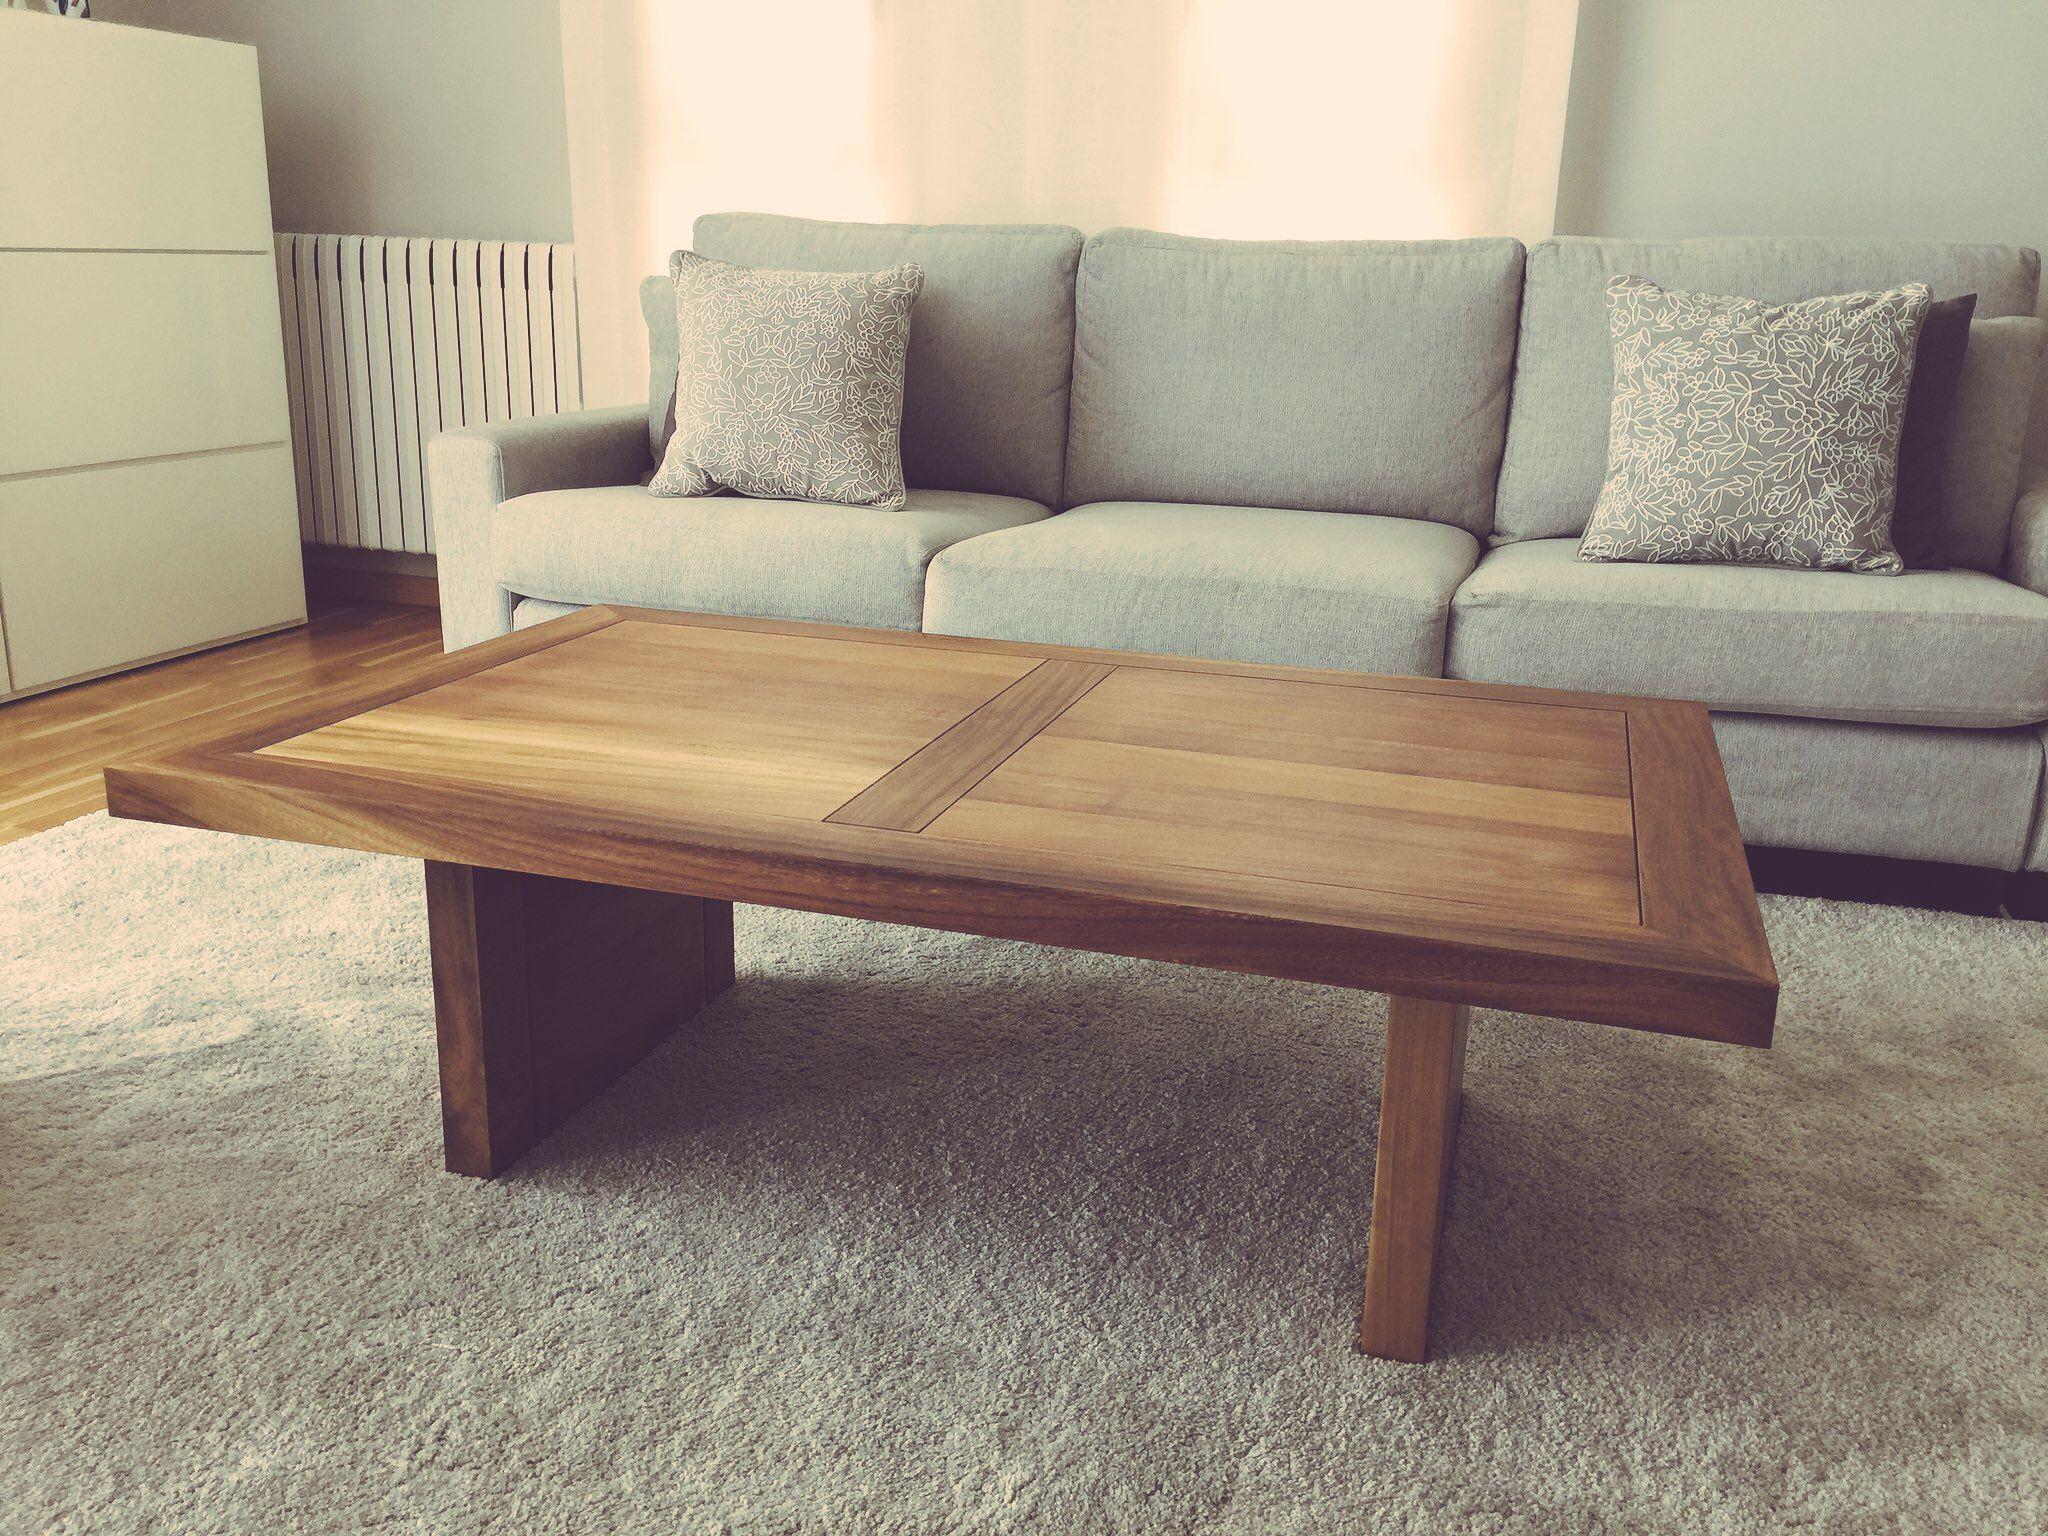 Mesa de centro en madera de iroko barnizada al natural